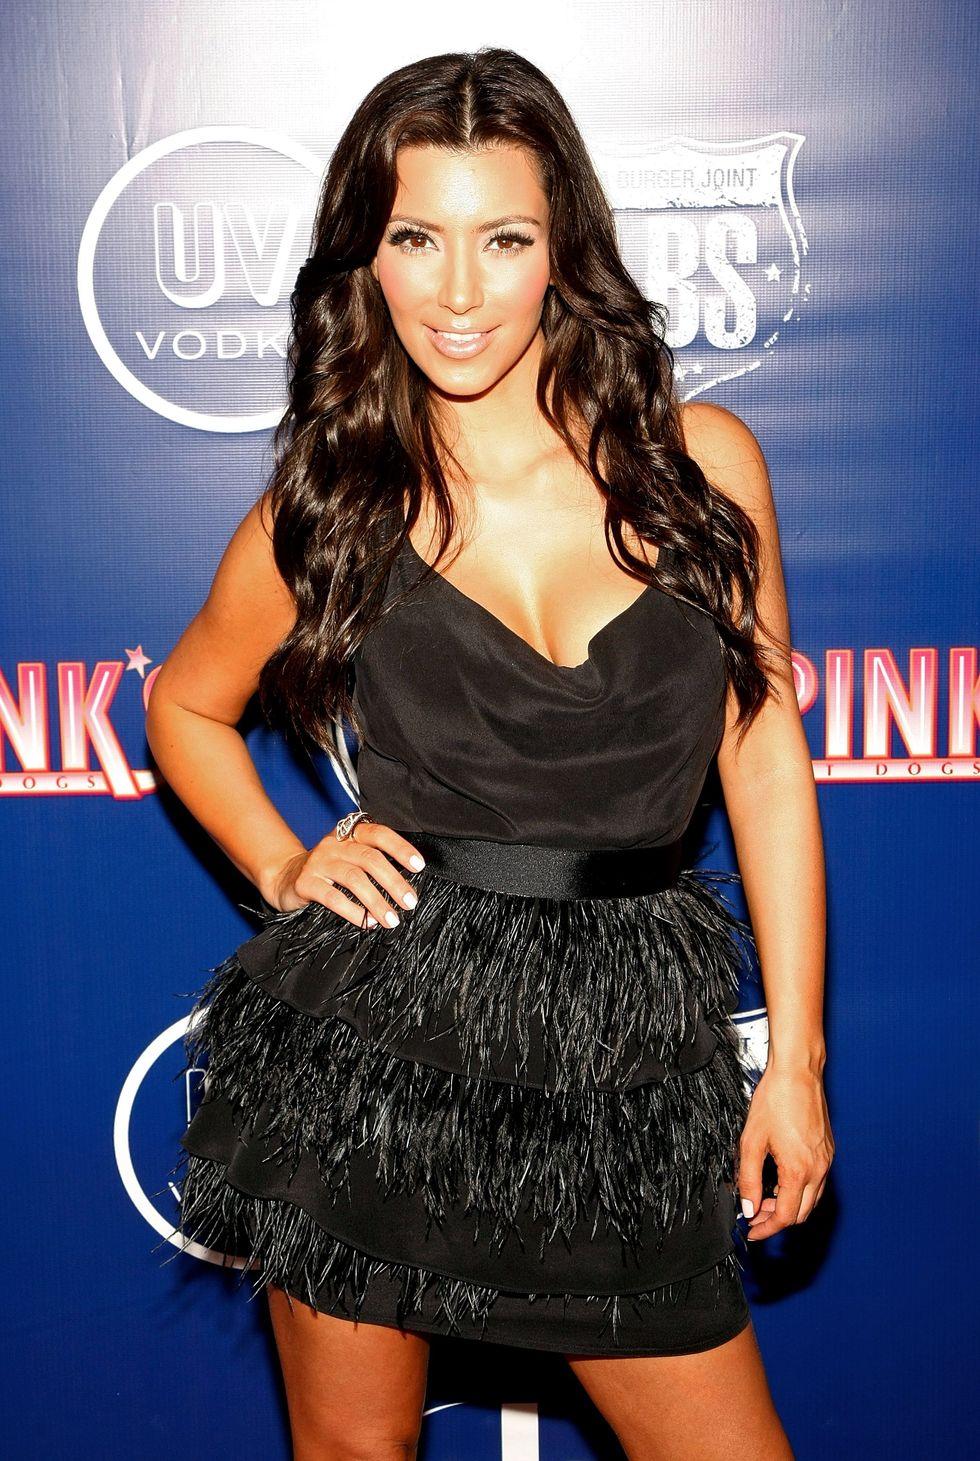 kim-kardashian-pinks-hot-dogs-grand-opening-in-las-vegas-01